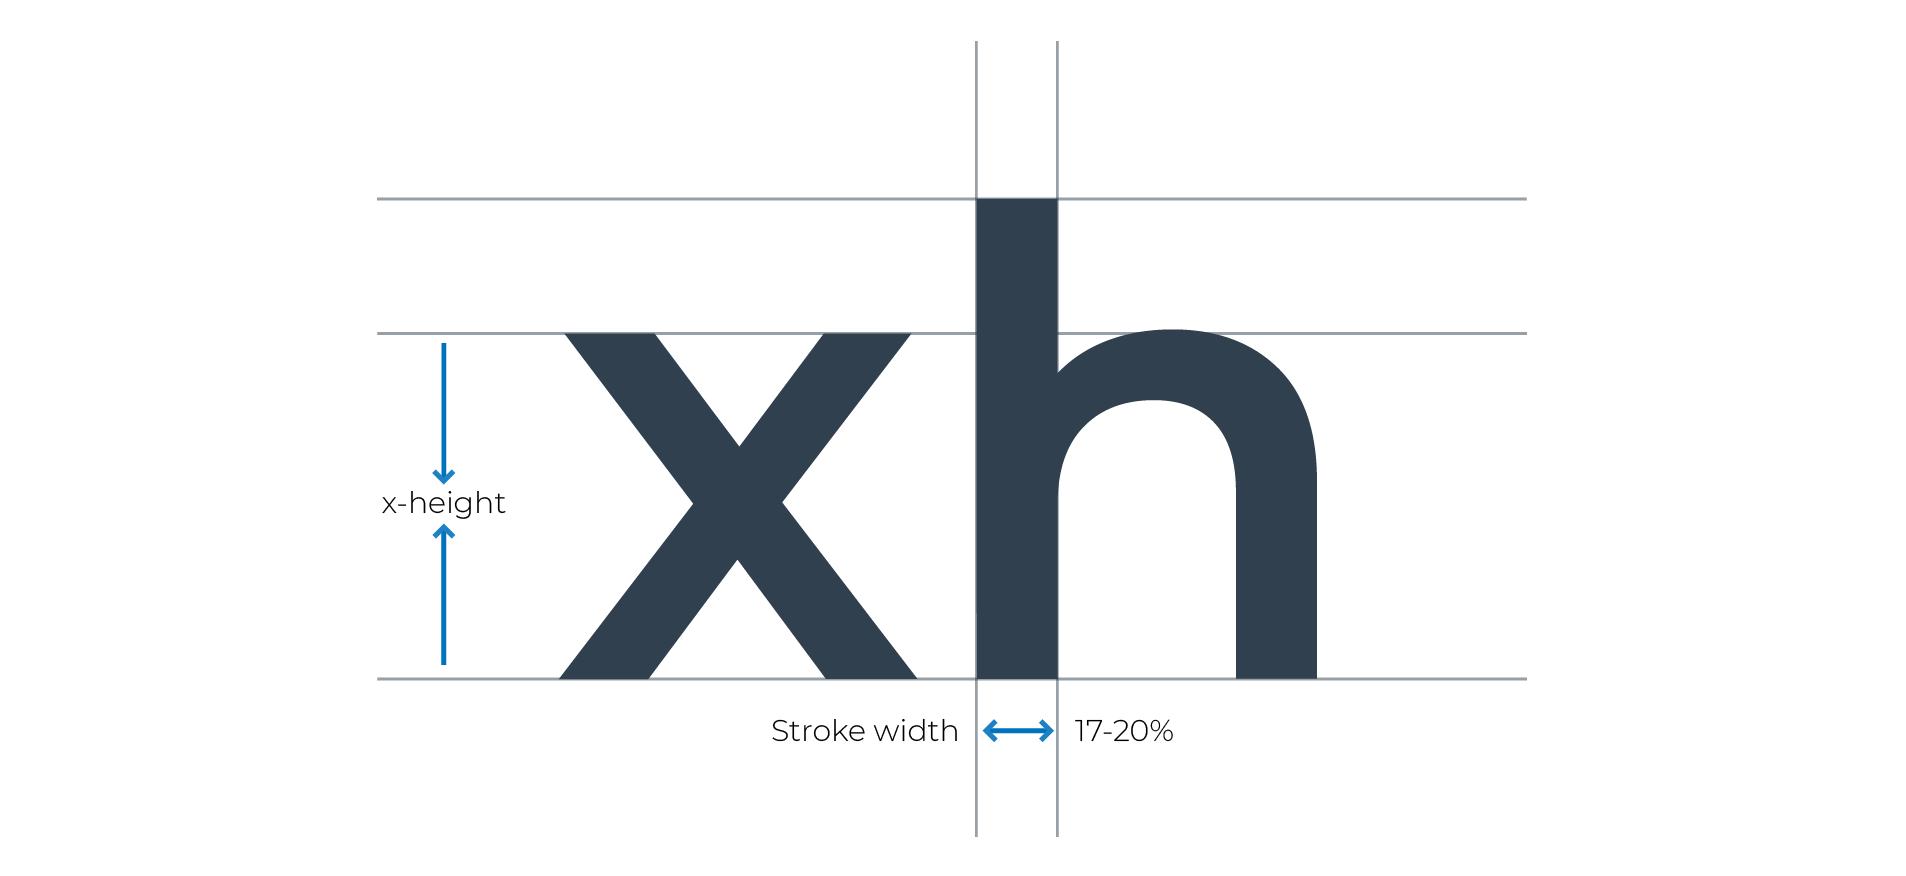 Epaisseur de trais relative à la hauteur x. Des études montrent que pour être la plus lisible possible, l'épaisseur devrait faire 17-20% de la hauteu x.